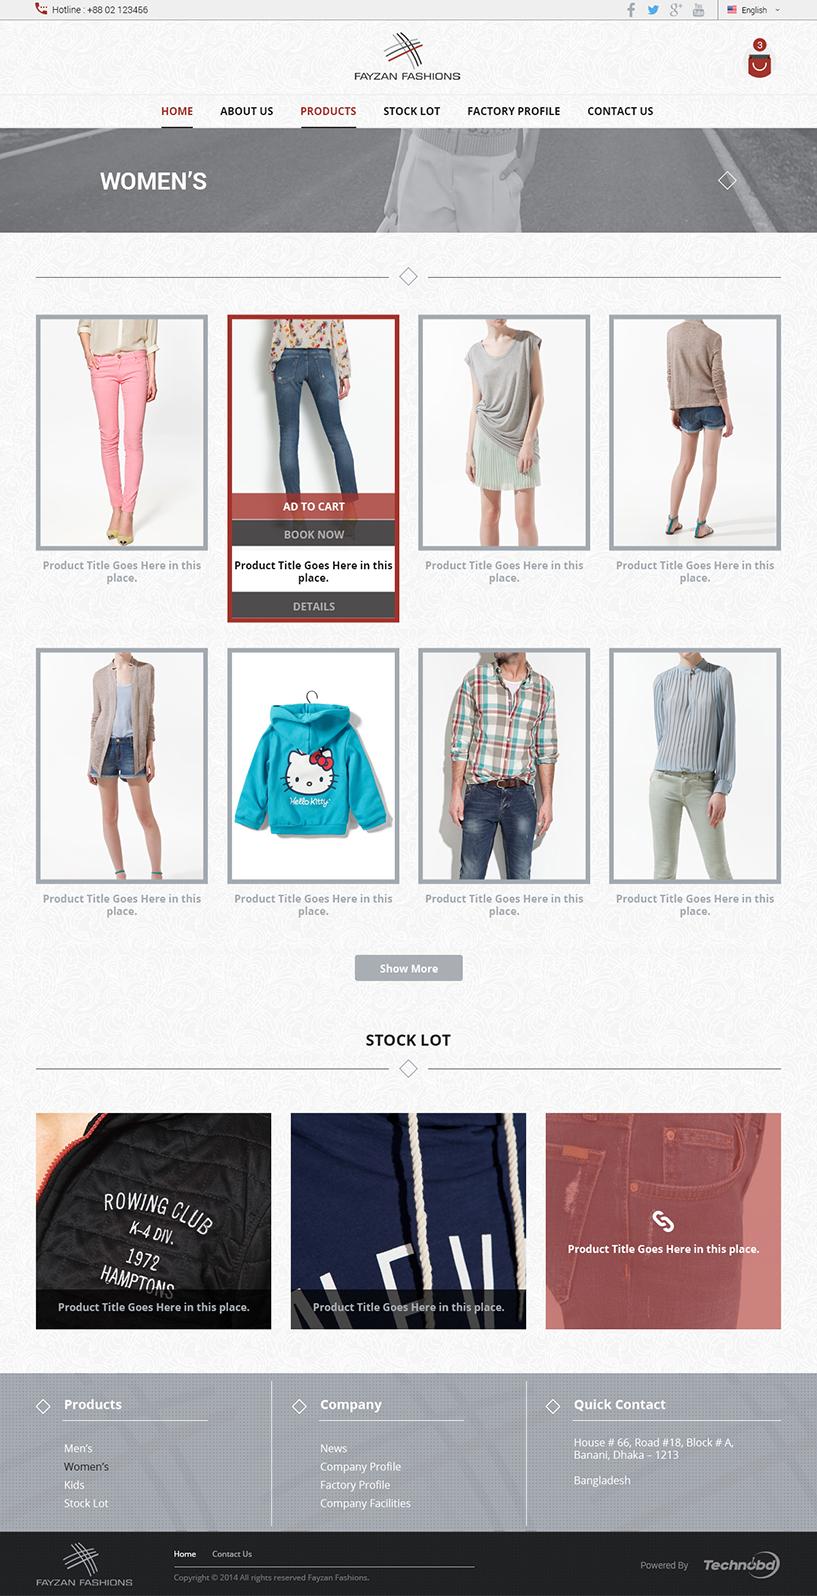 Fayzan Fashions